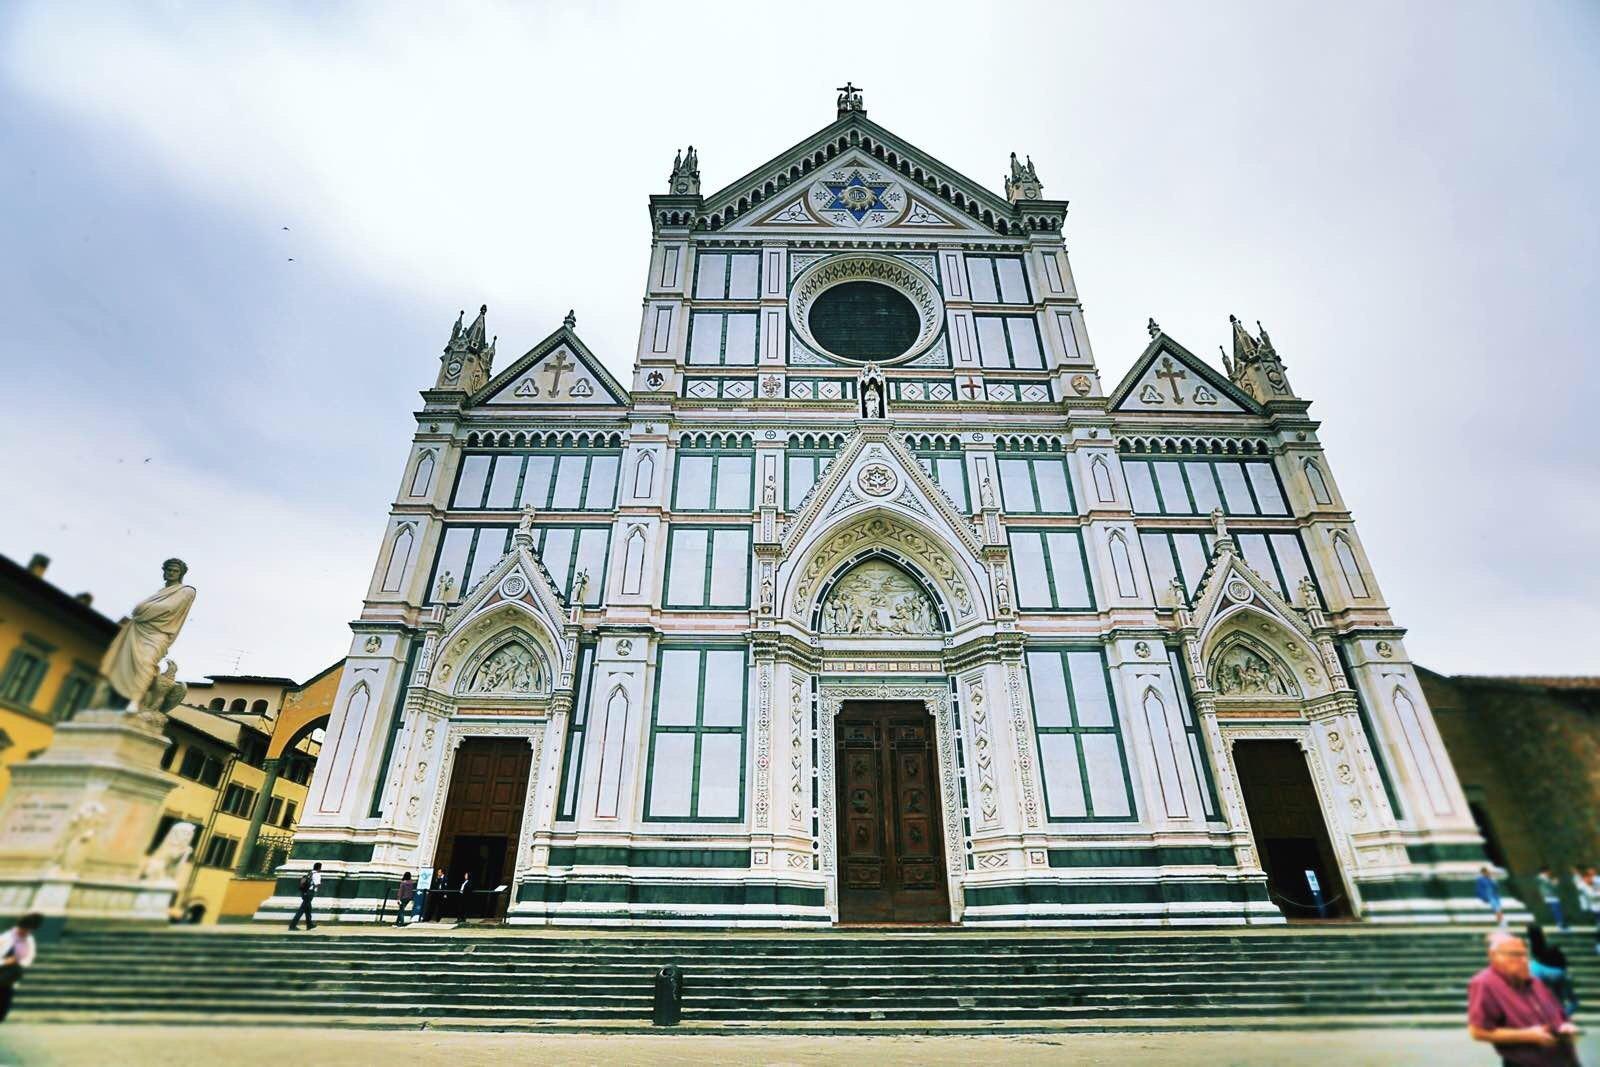 段段古老的中世纪欧式建筑